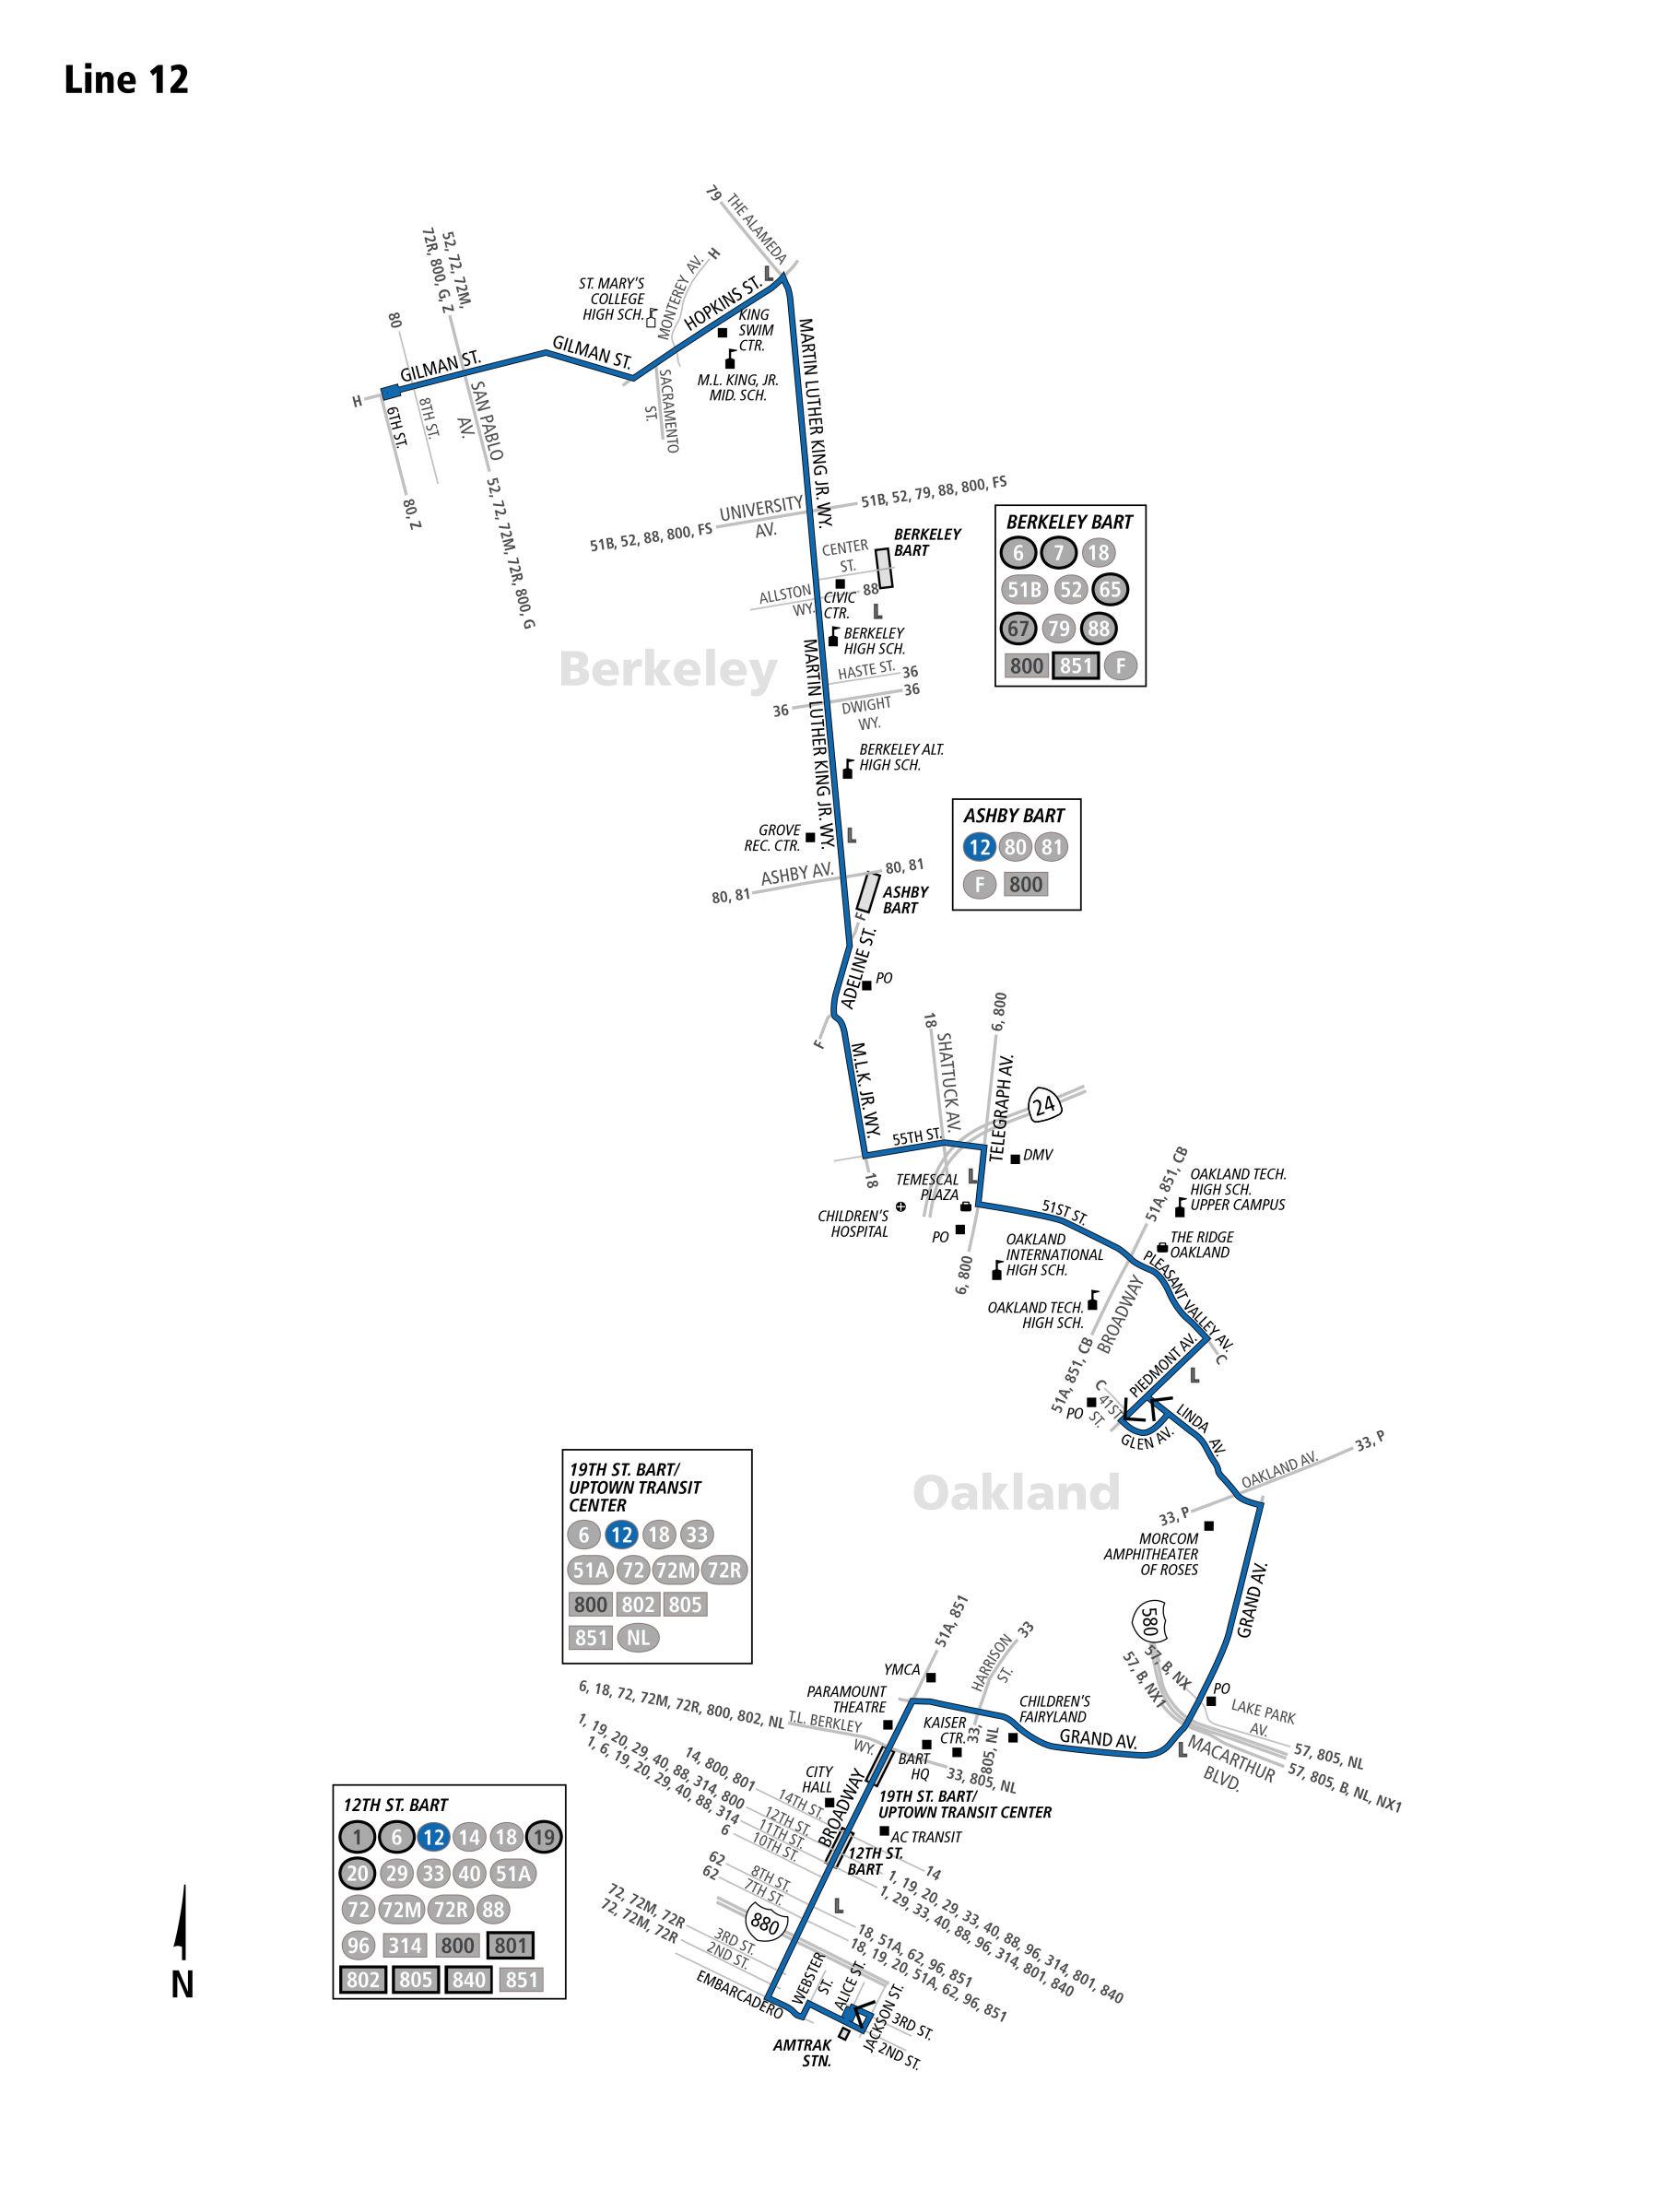 12 bus schedule - ac transit - sf bay transit